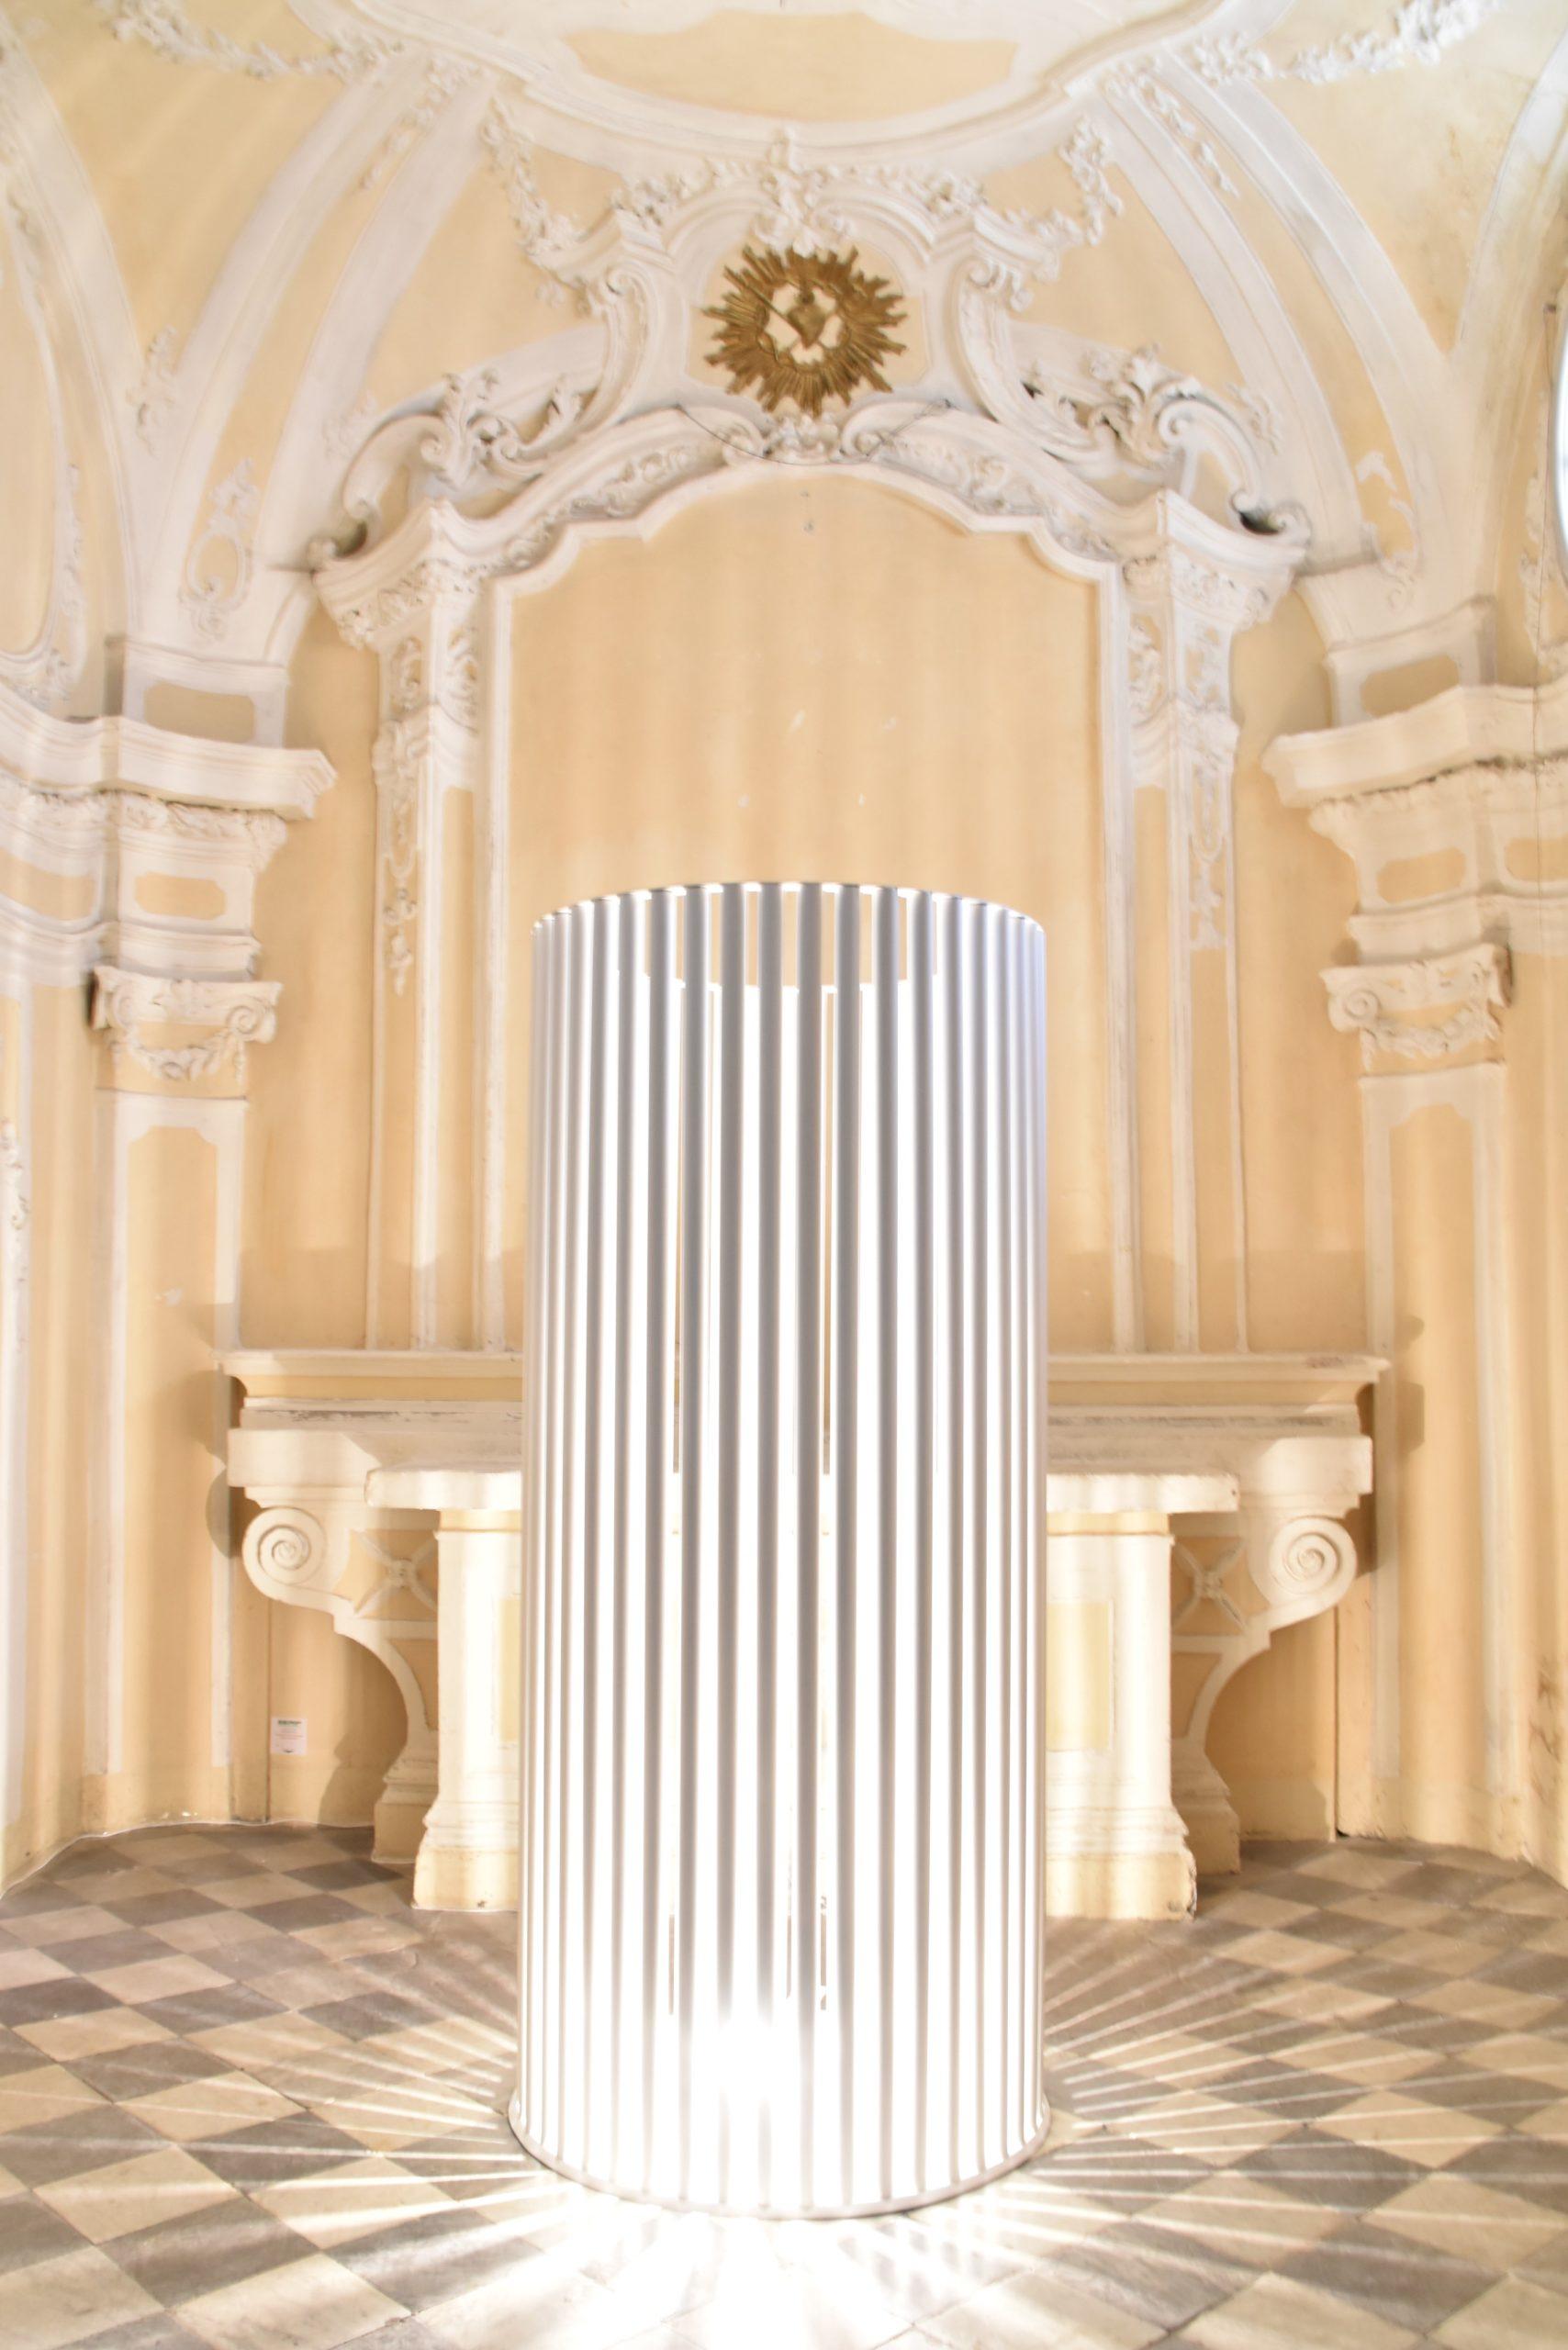 Ailo - Chapelle de la Providence - Marie Lucas